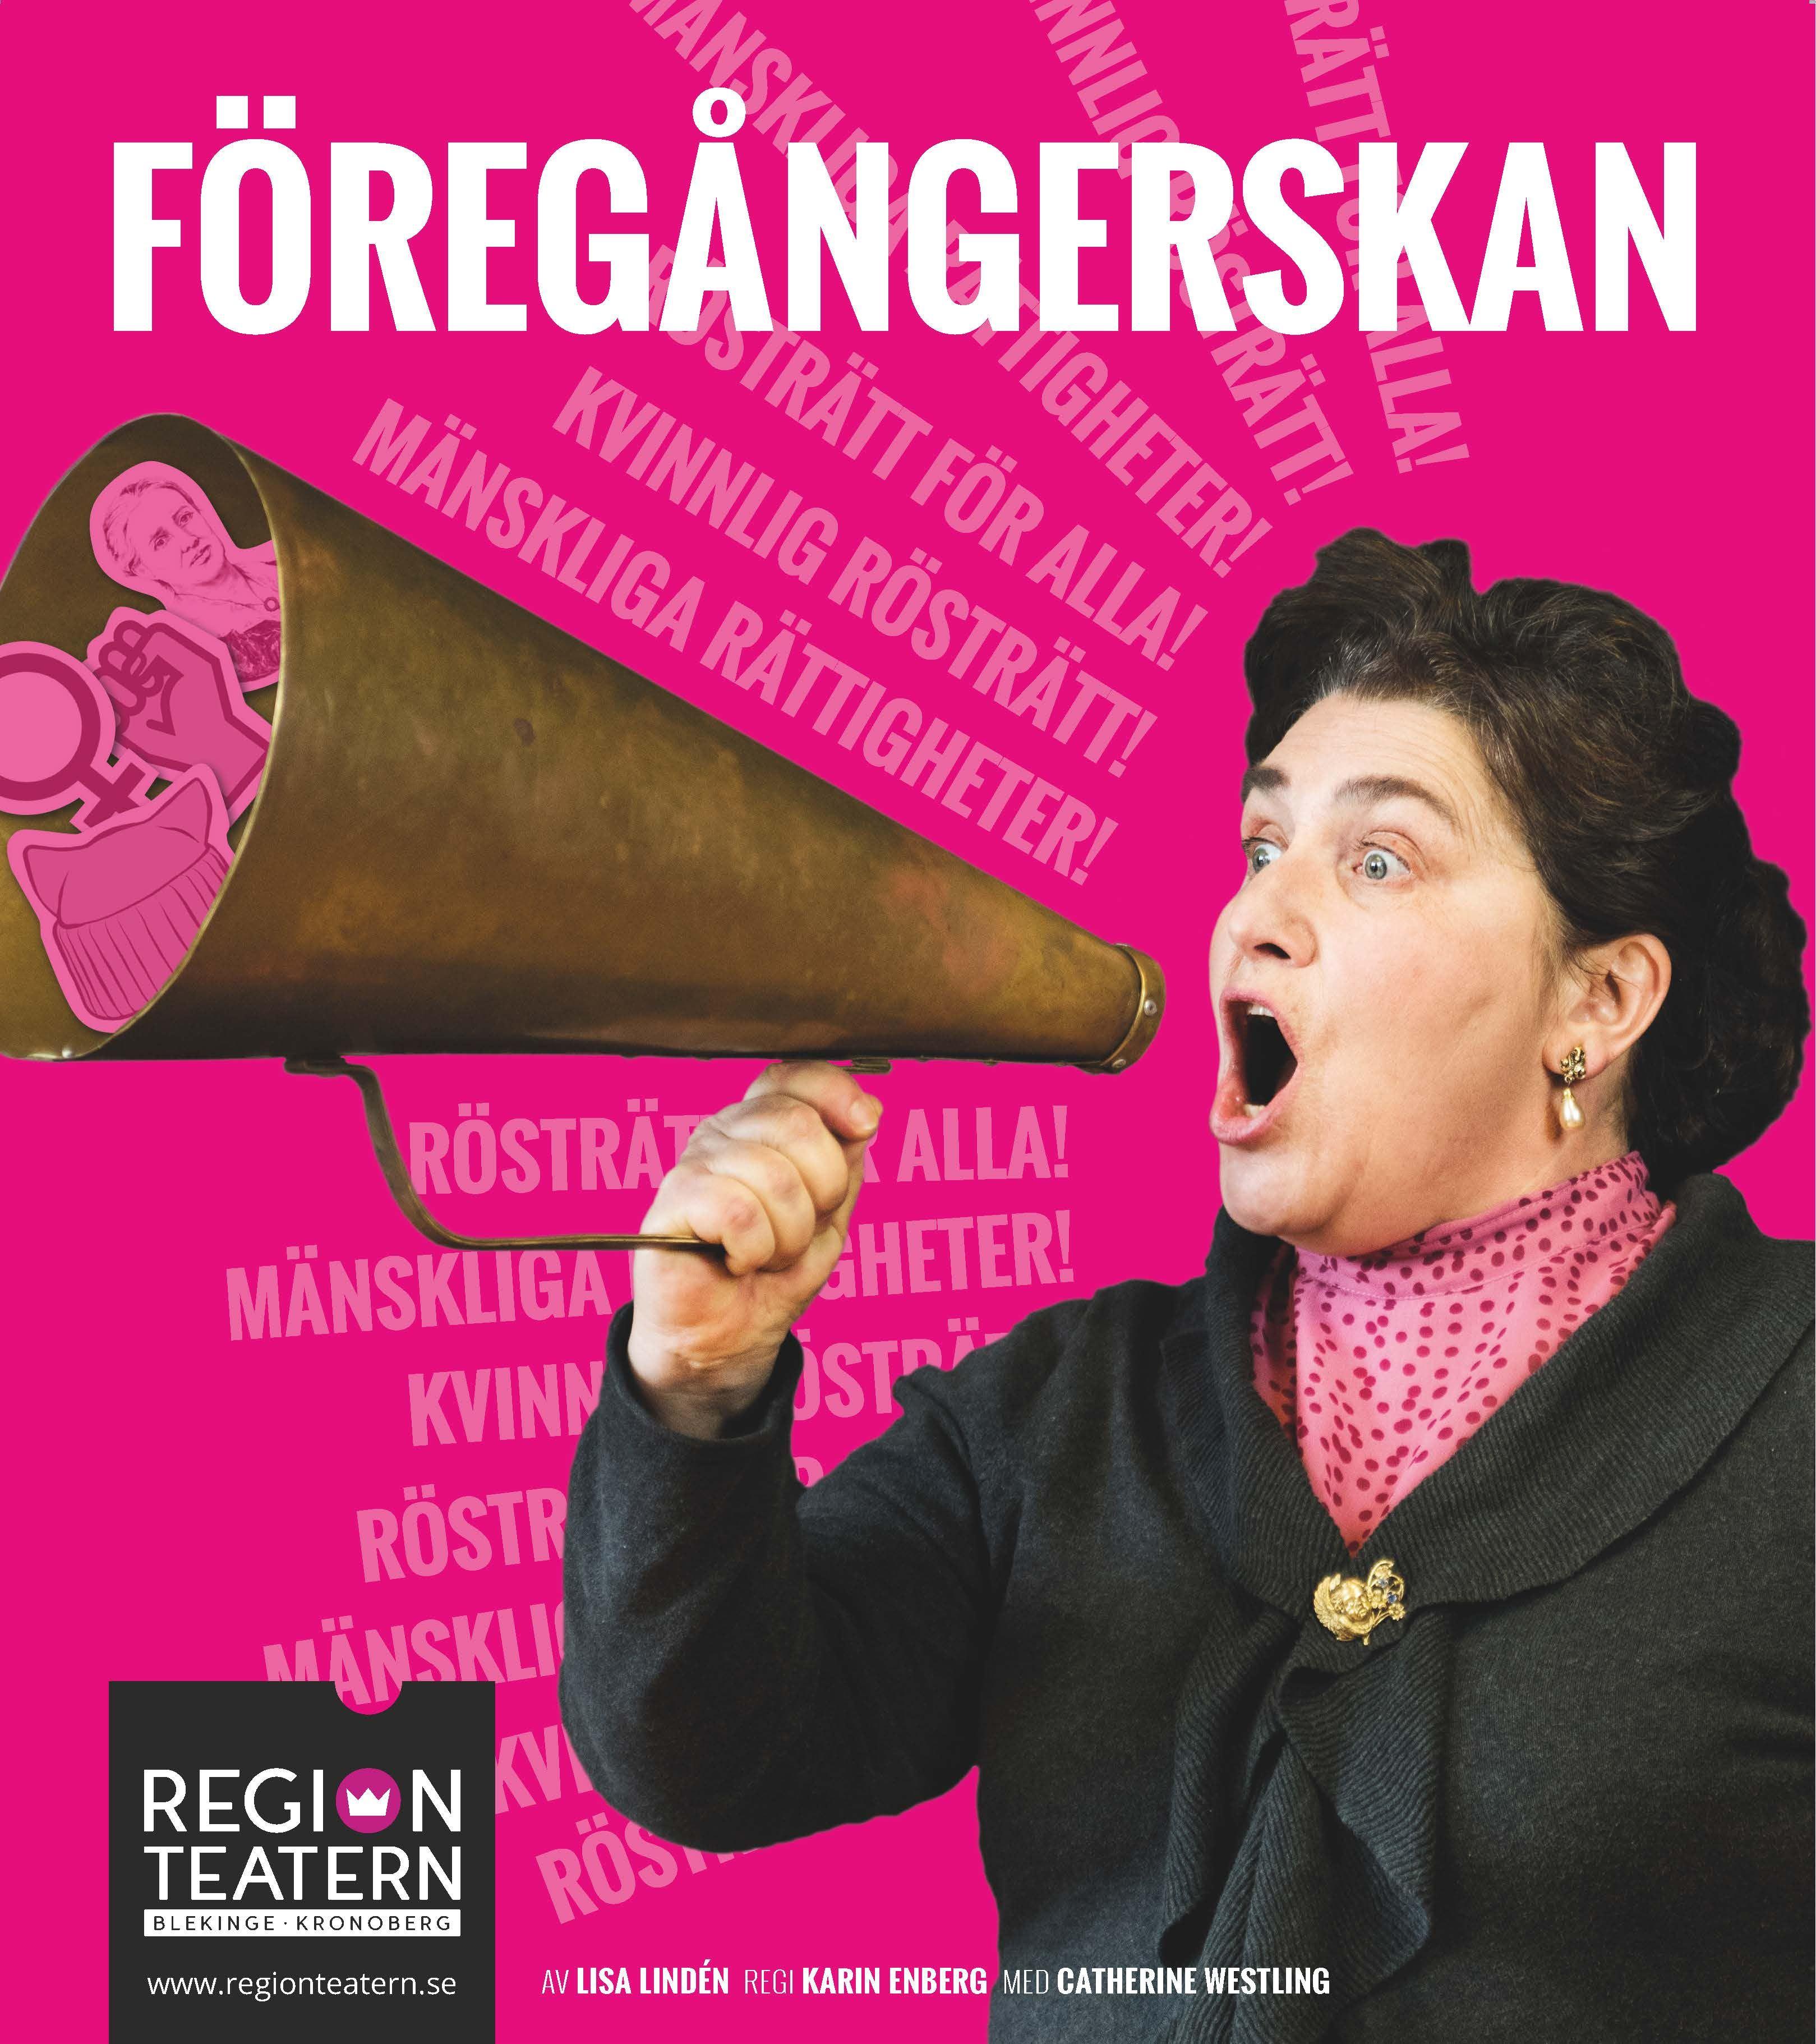 Föregångerskan, en föreställning av regionteatern i Växjö